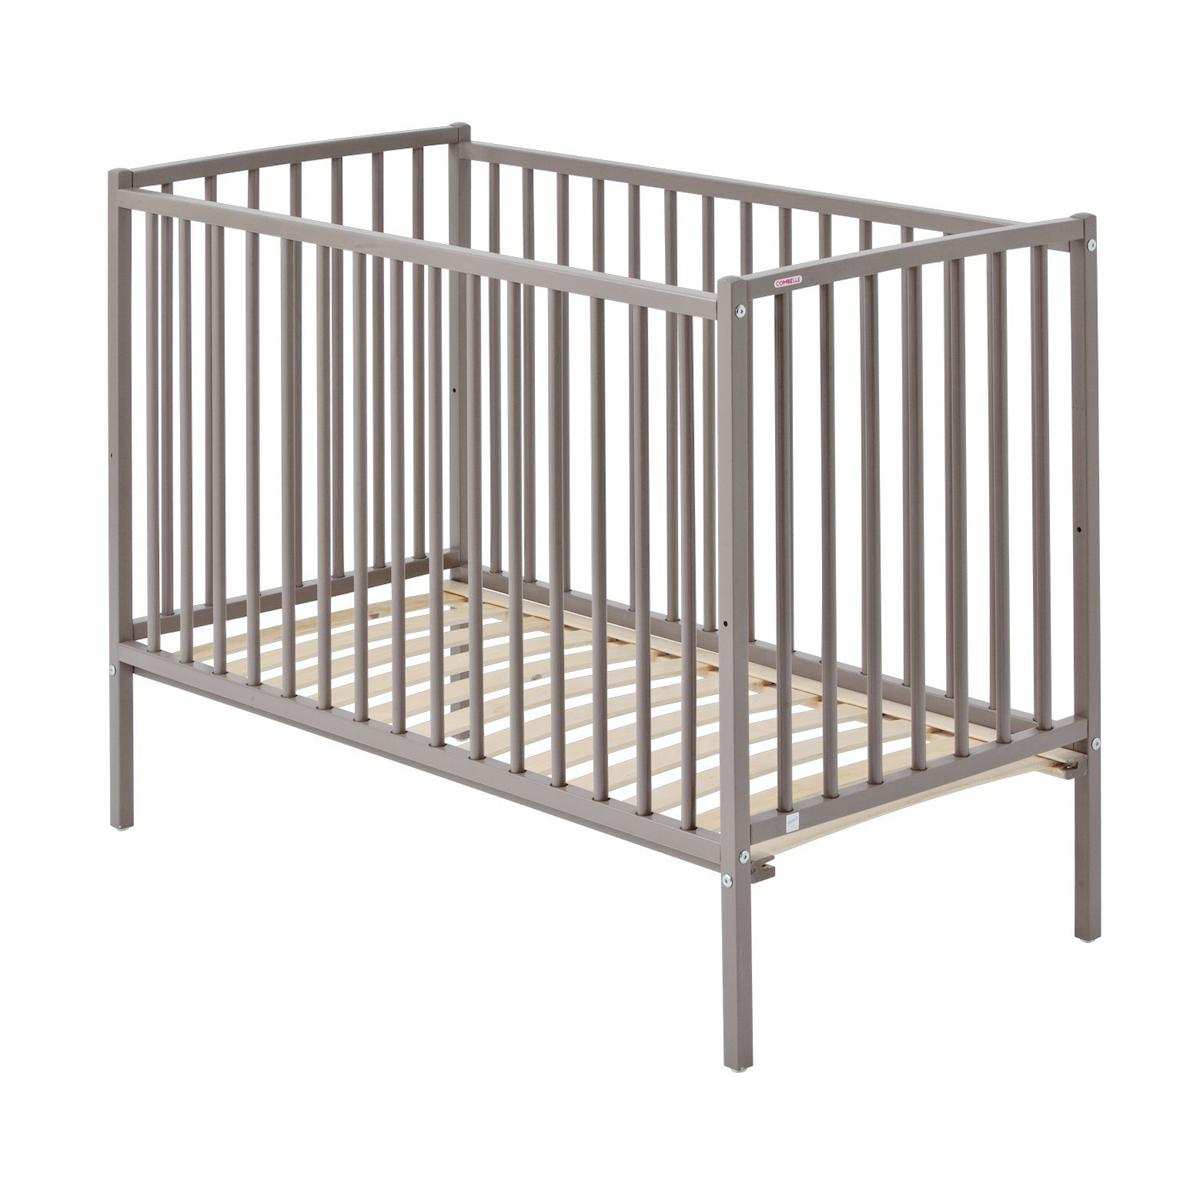 lit b b r mi laqu gris clair combelle pour chambre enfant les enfants du design. Black Bedroom Furniture Sets. Home Design Ideas